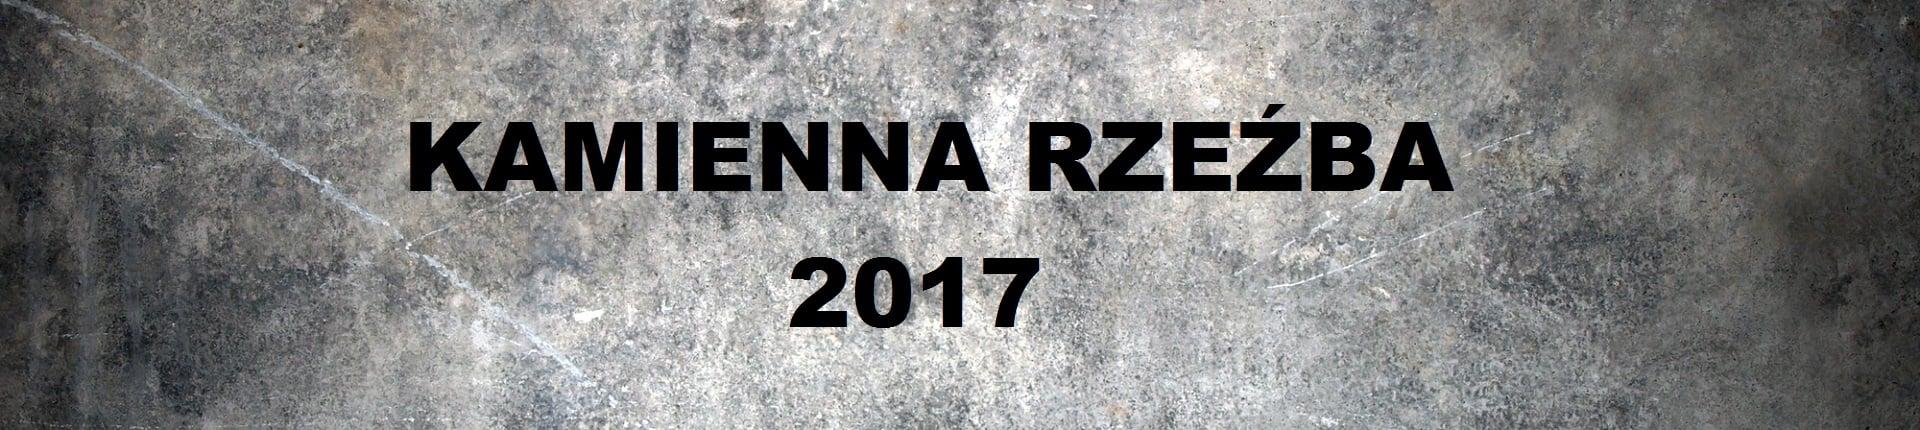 """16.09.2017 """"Kamienna Rzeźba 2017"""" w Strzegomiu - Wyniki"""